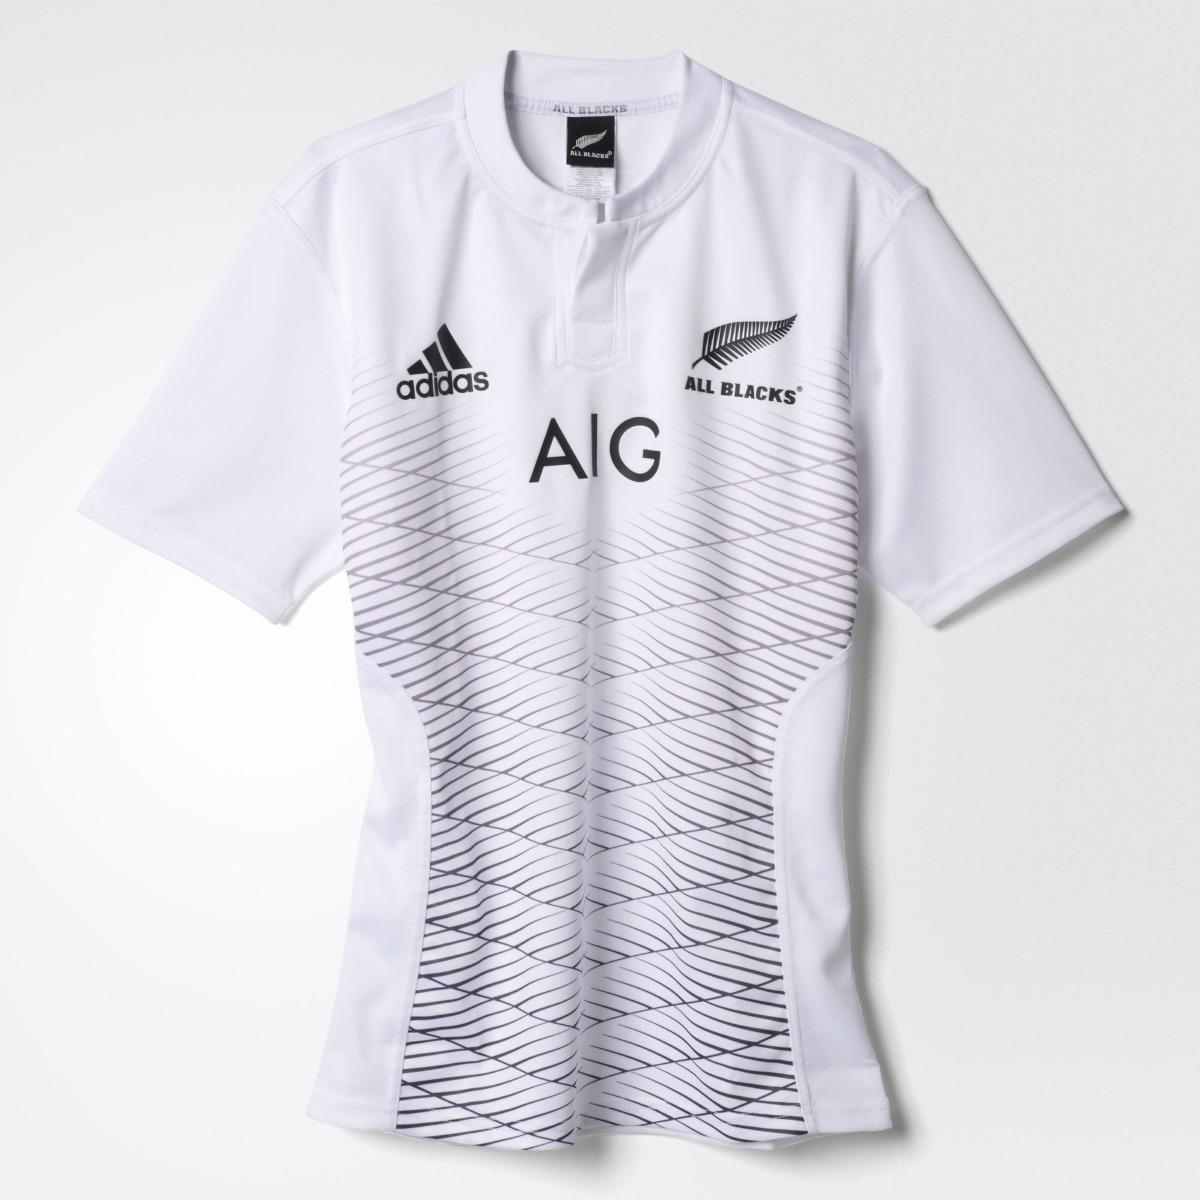 e4b50634b4a9d camiseta rugby adidas all blacks new zealand negra   blanca. Cargando zoom.